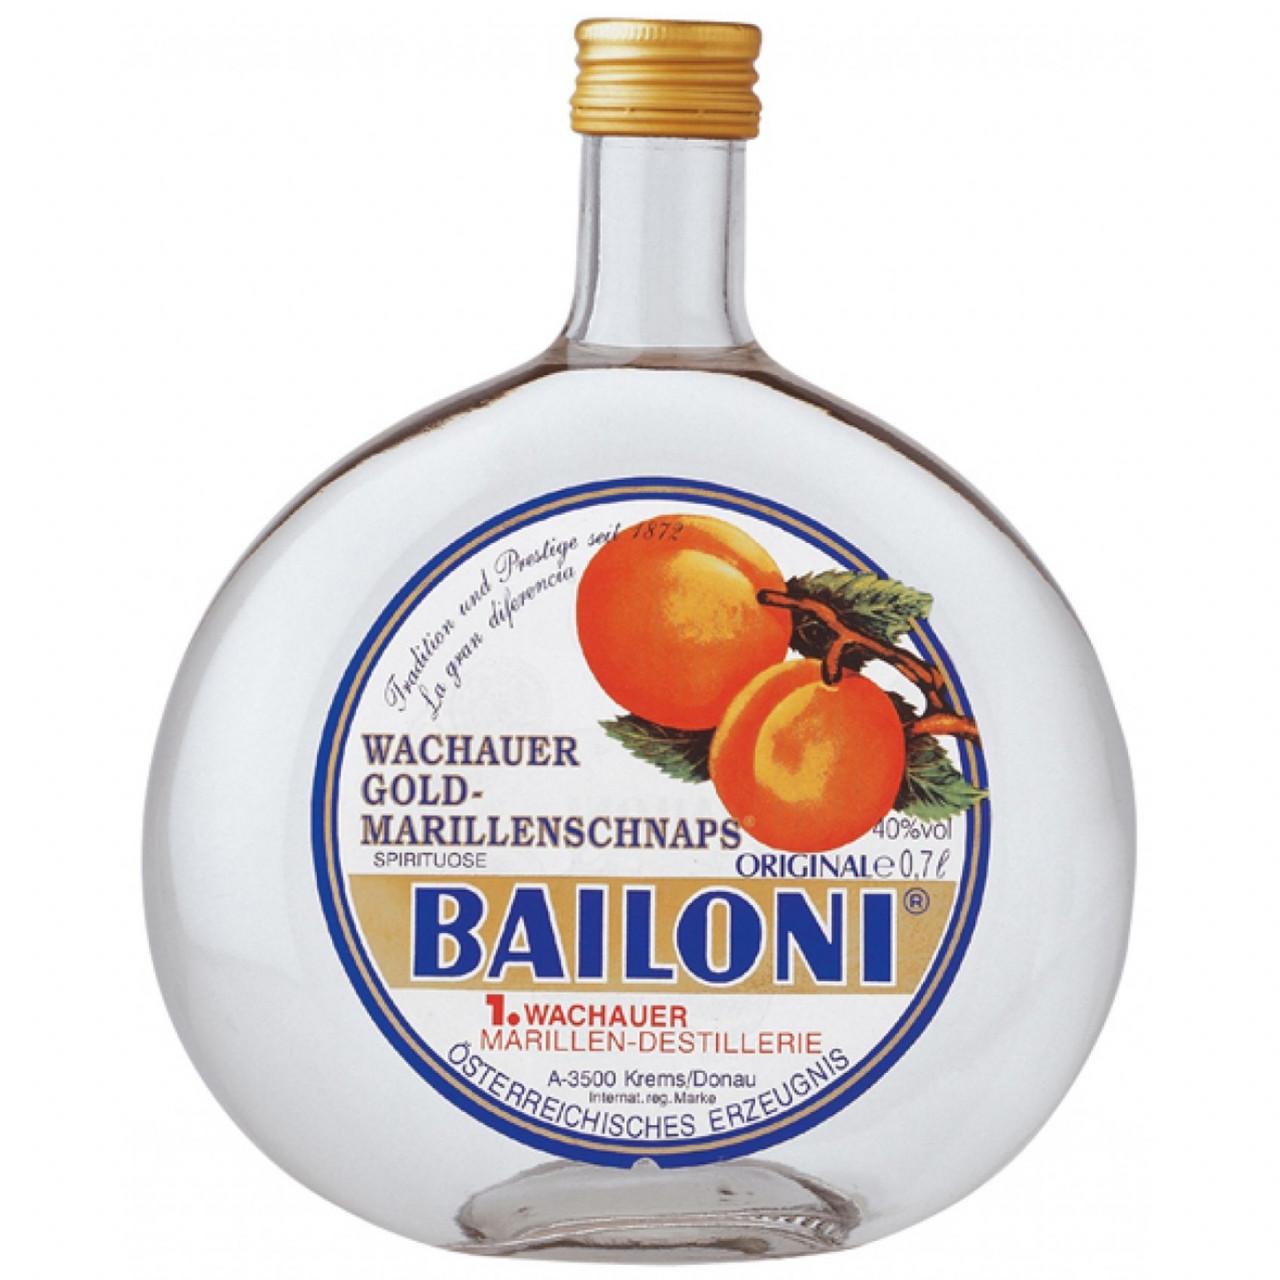 Bailoni Original Gold-Marillenschnaps 40% 0,7l